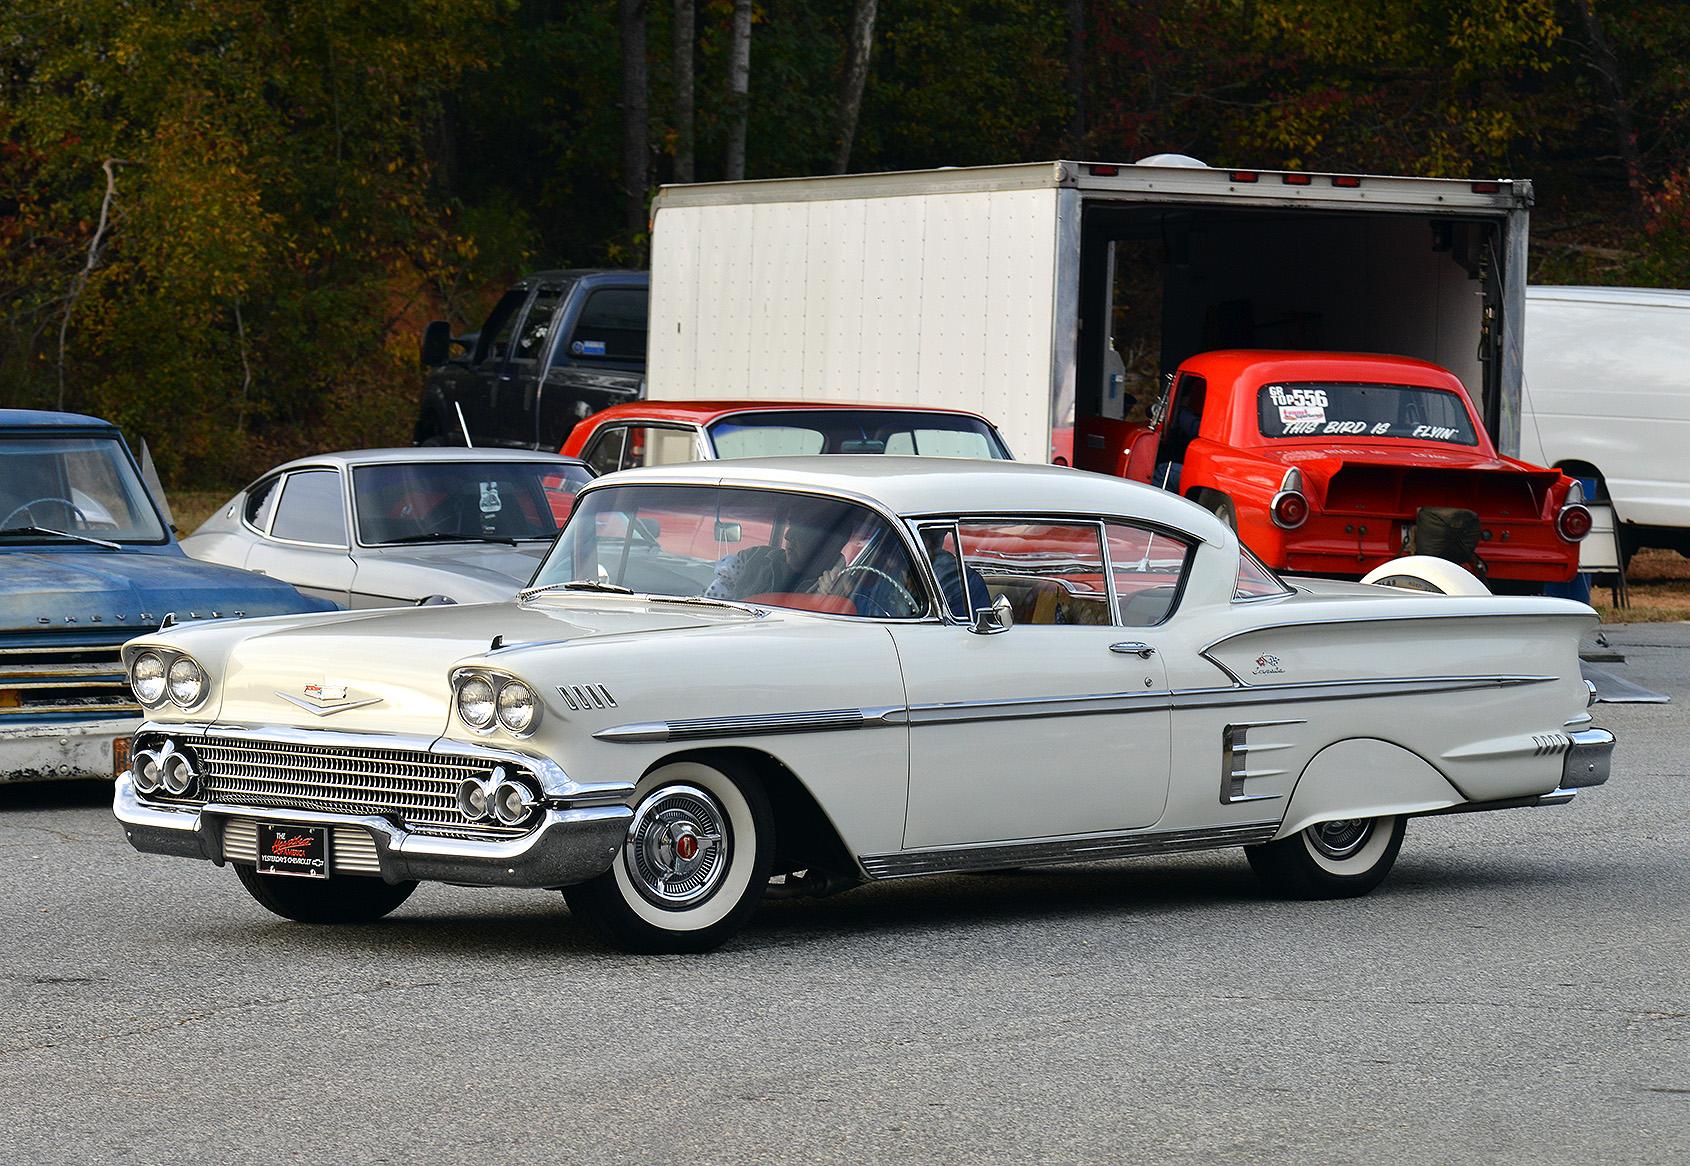 2014-11-8 Gasser_1239 1958 Chevy Impala_Fl.jpg